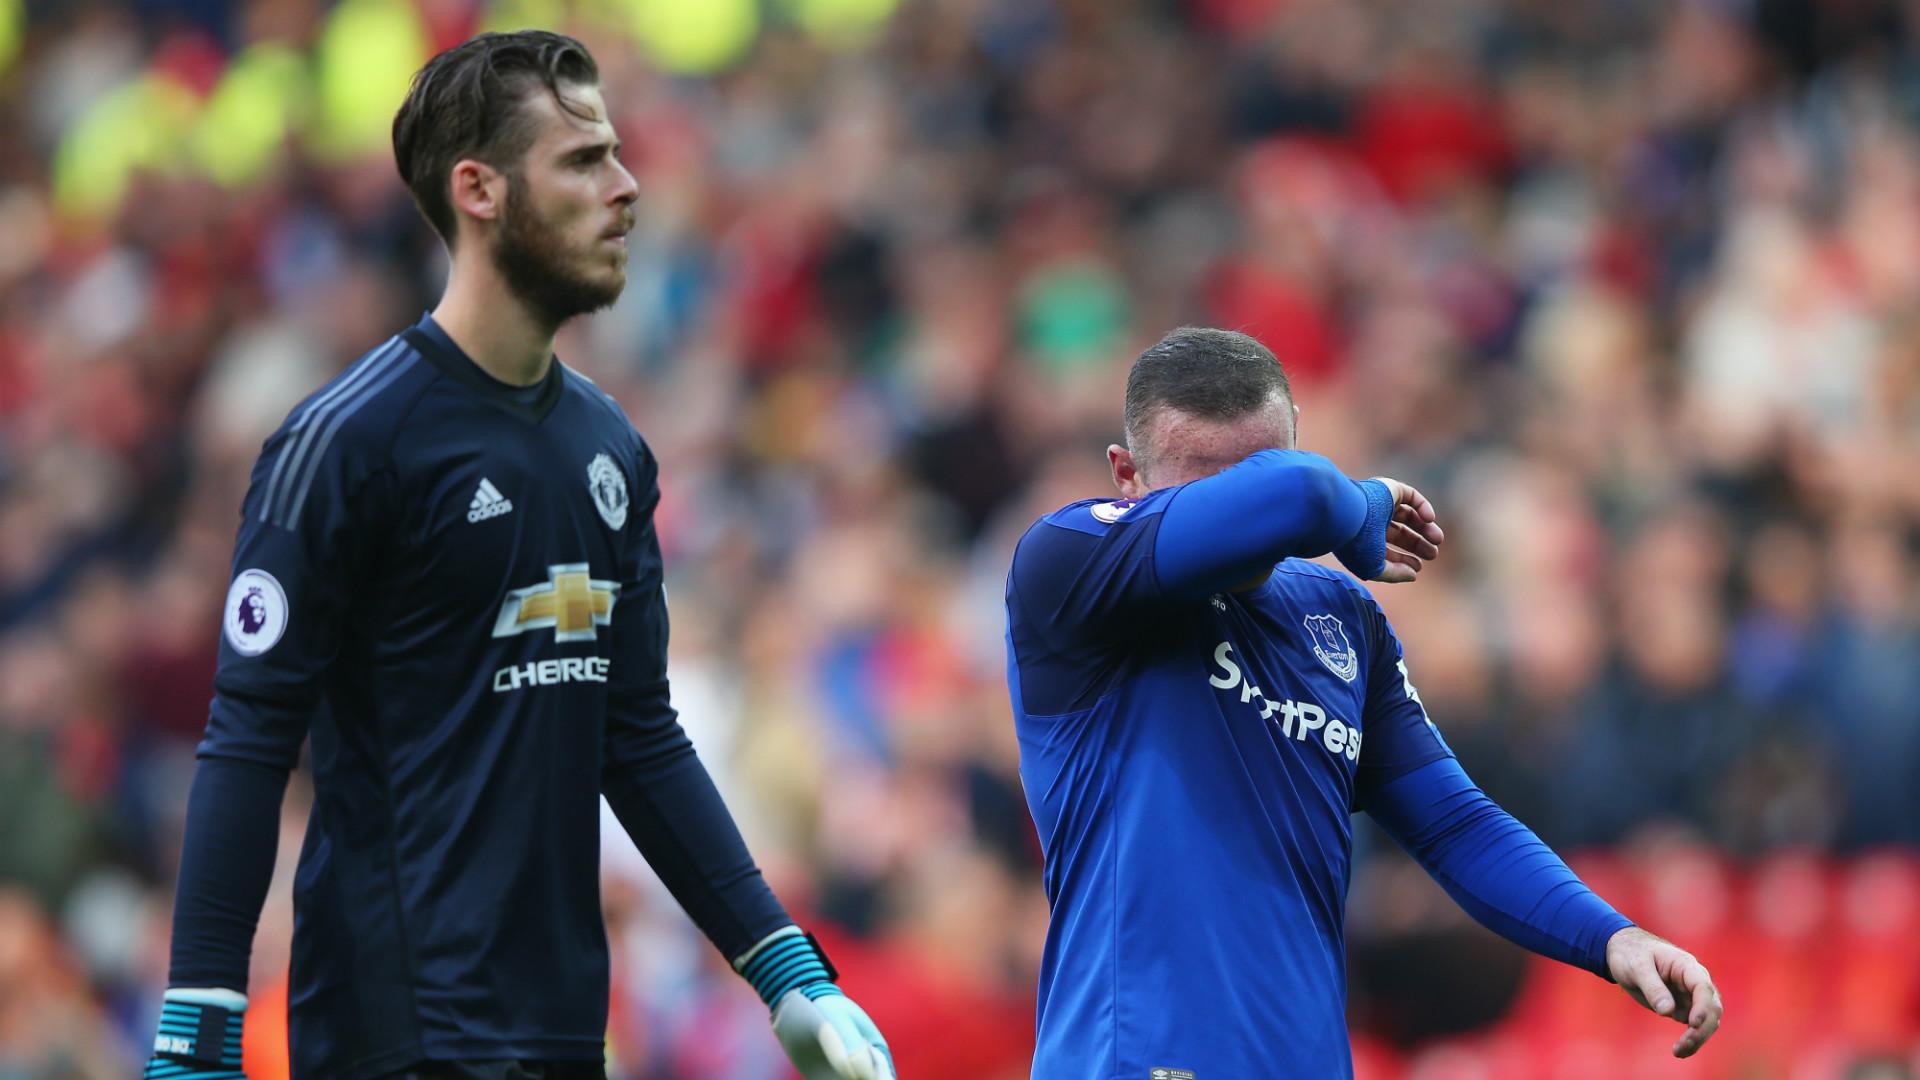 Manchester United Everton Premier League